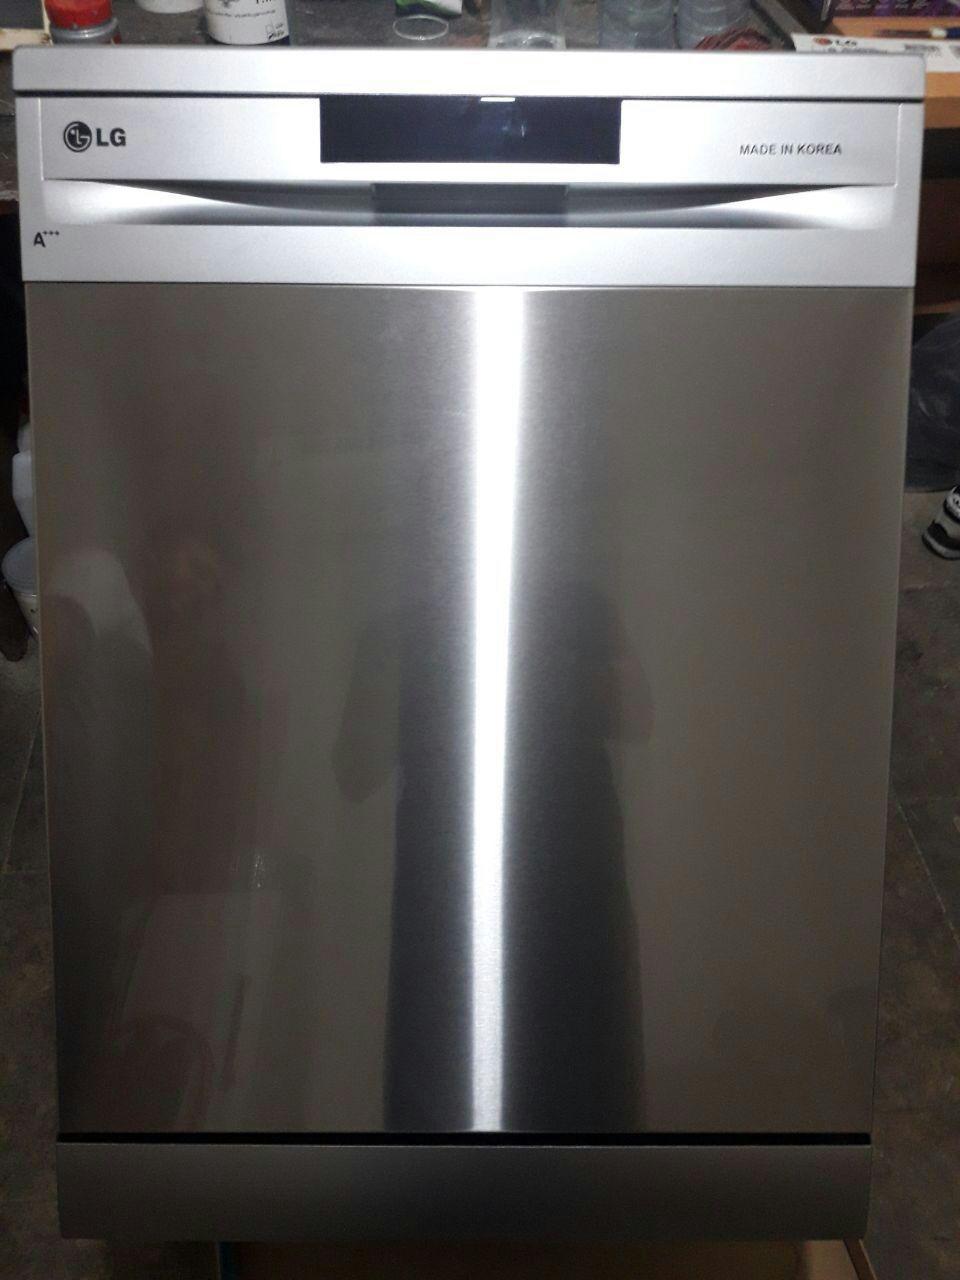 ظرفشویی ۱۴ نفره الجی فول کامل آنتی باکتریال اینورتر سه طبقه آسانسور دار